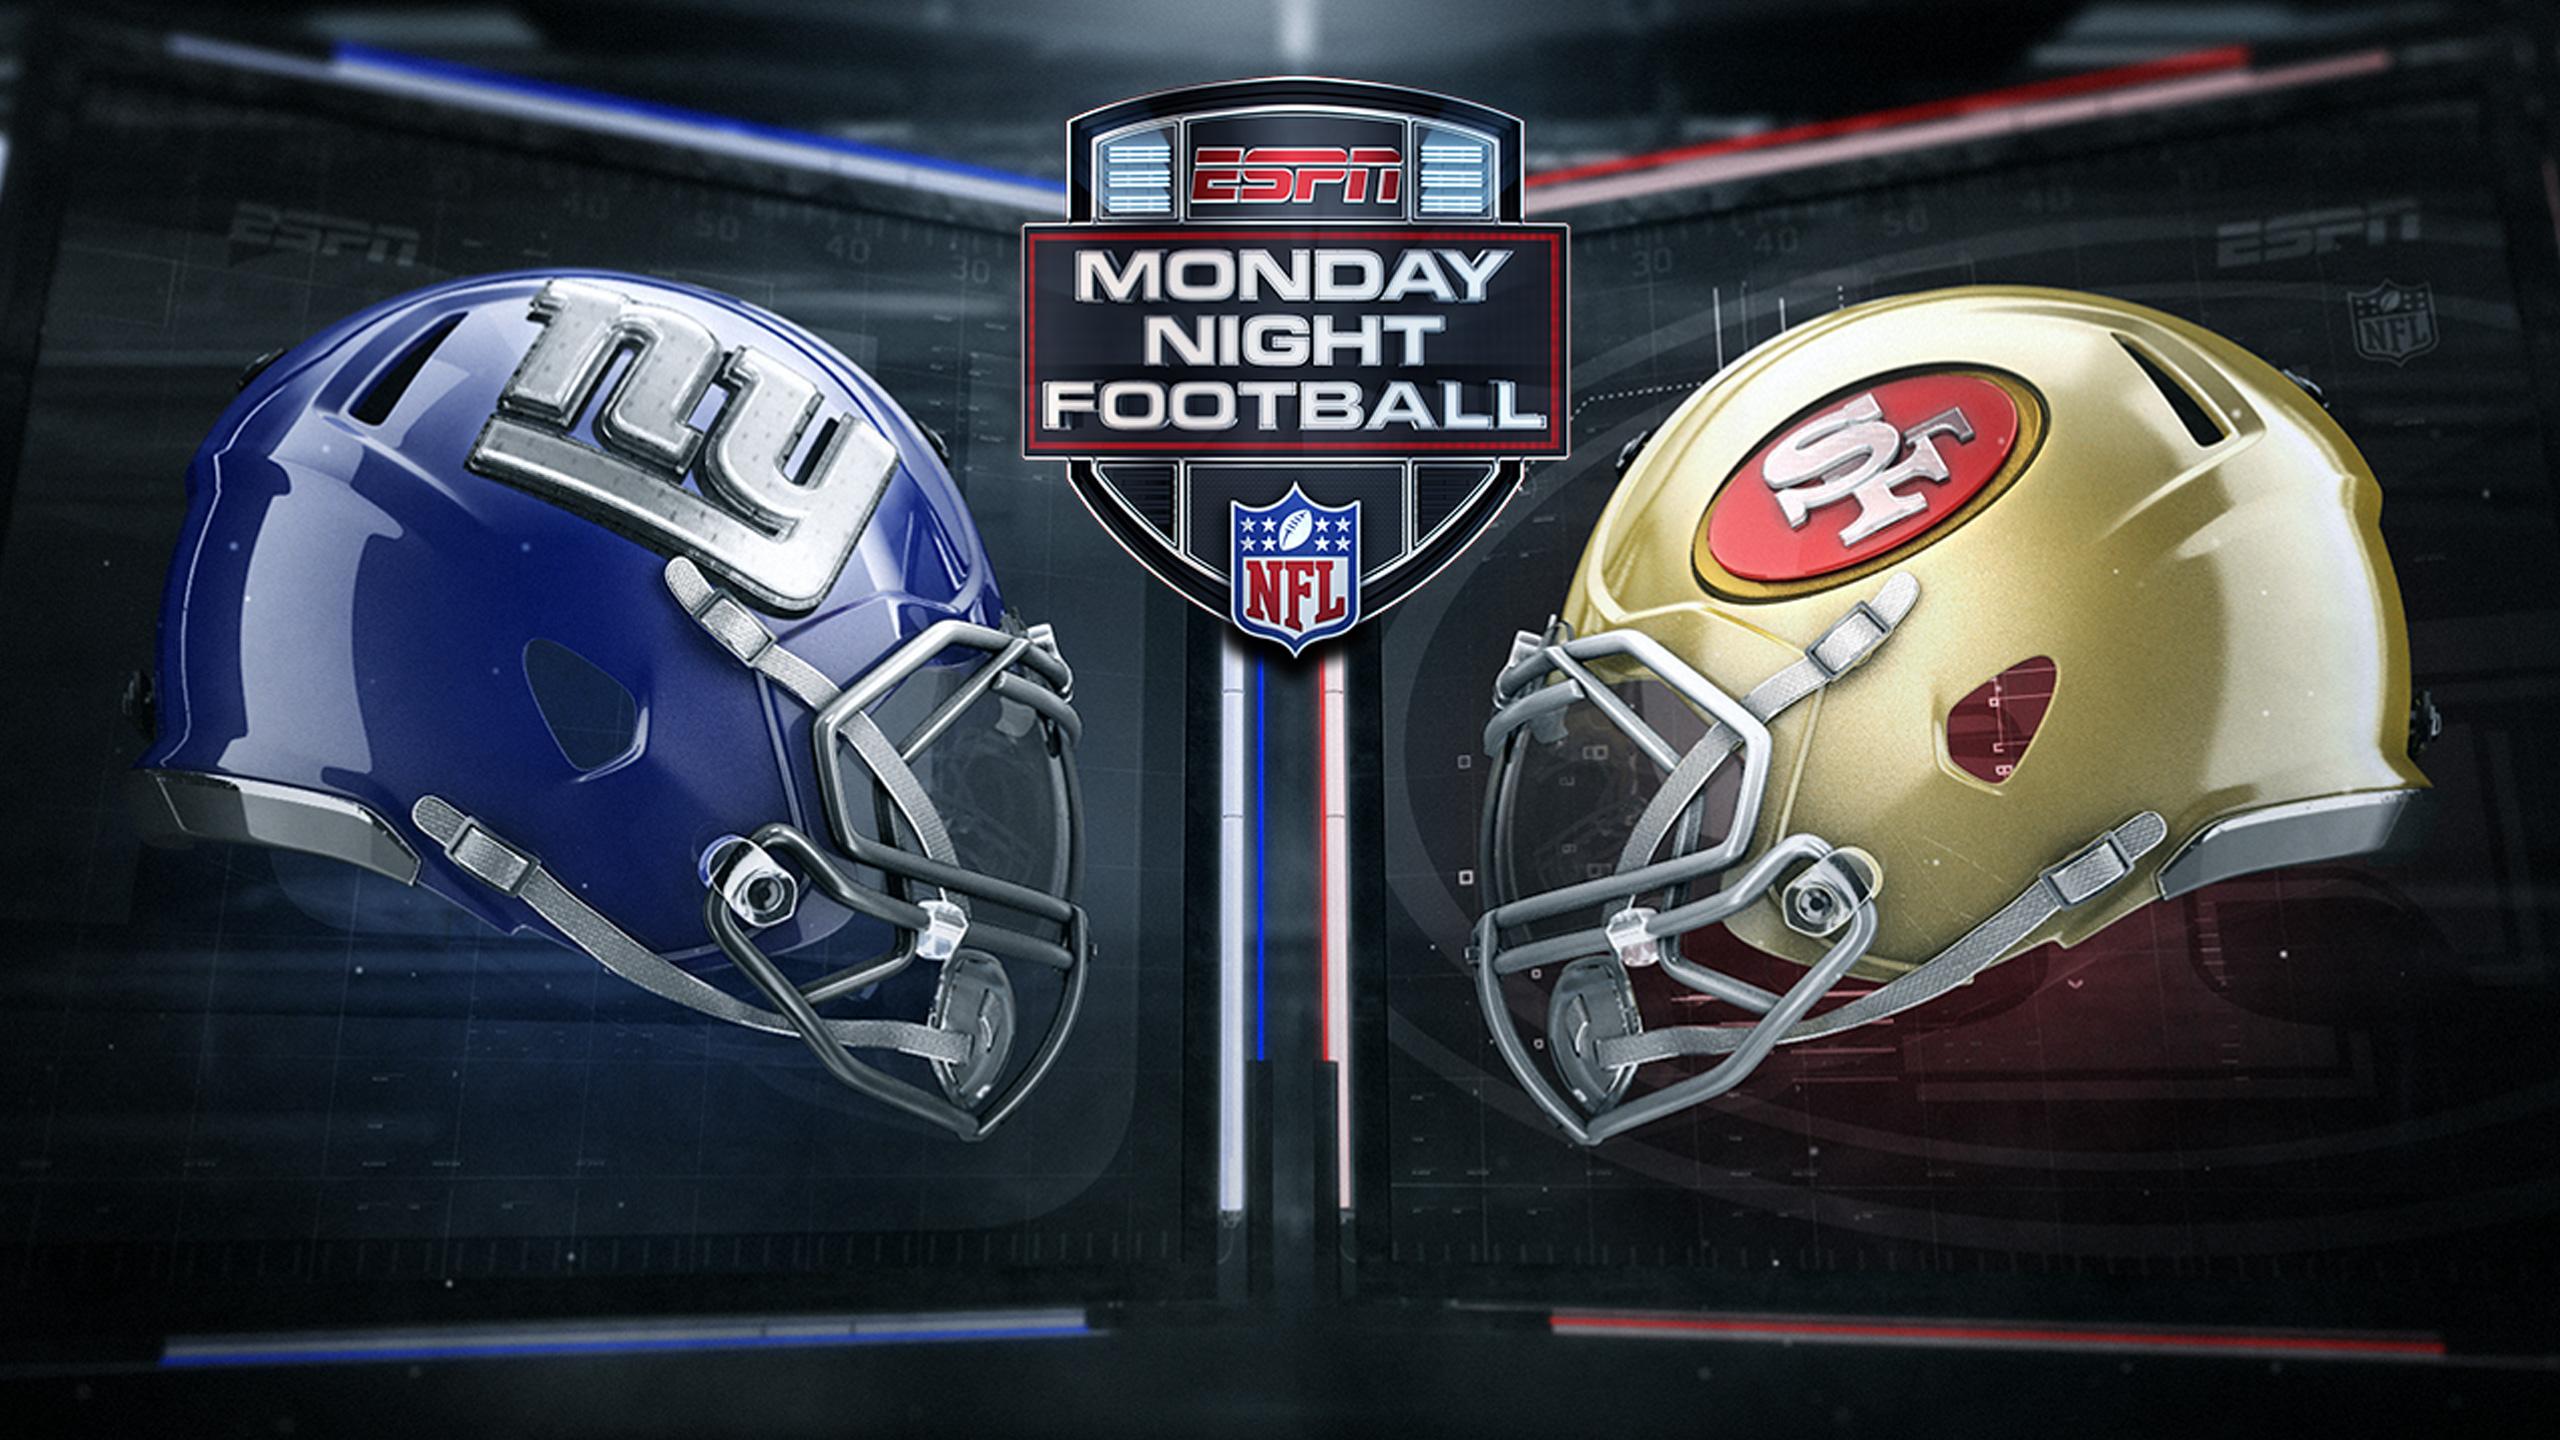 In Spanish - New York Giants vs. San Francisco 49ers